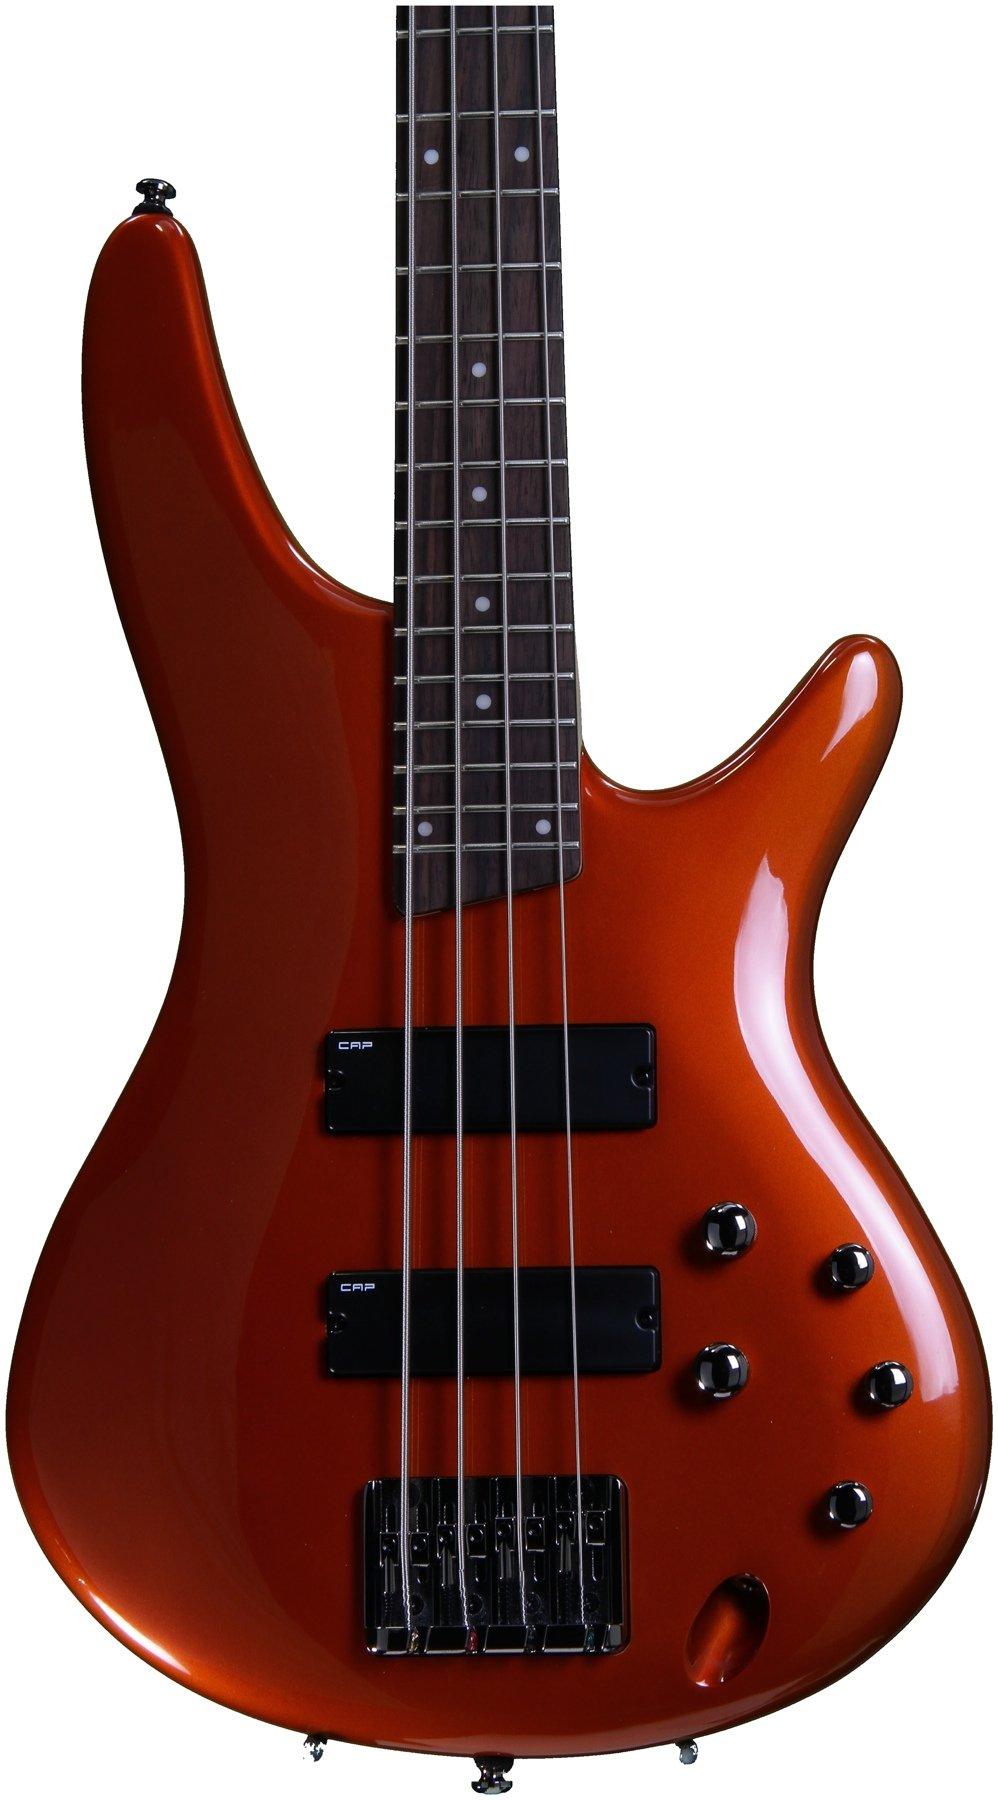 Ziemlich Yamaha Bassgitarre Schaltplan Zeitgenössisch - Elektrische ...